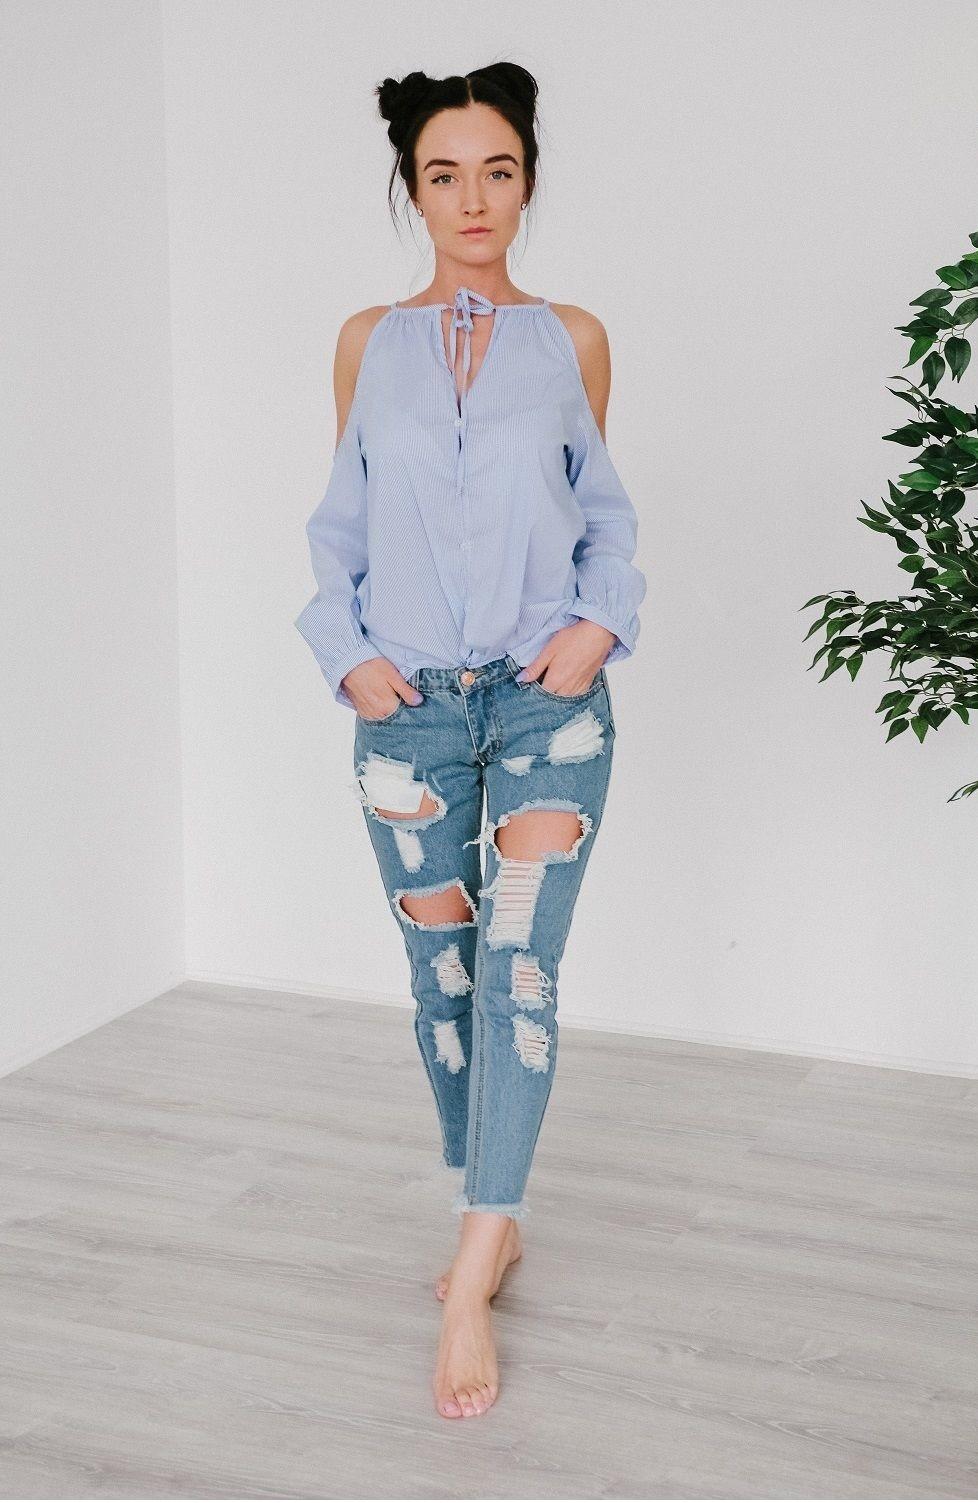 модные блузки 2018: с открытыми плечами голубая в полоску